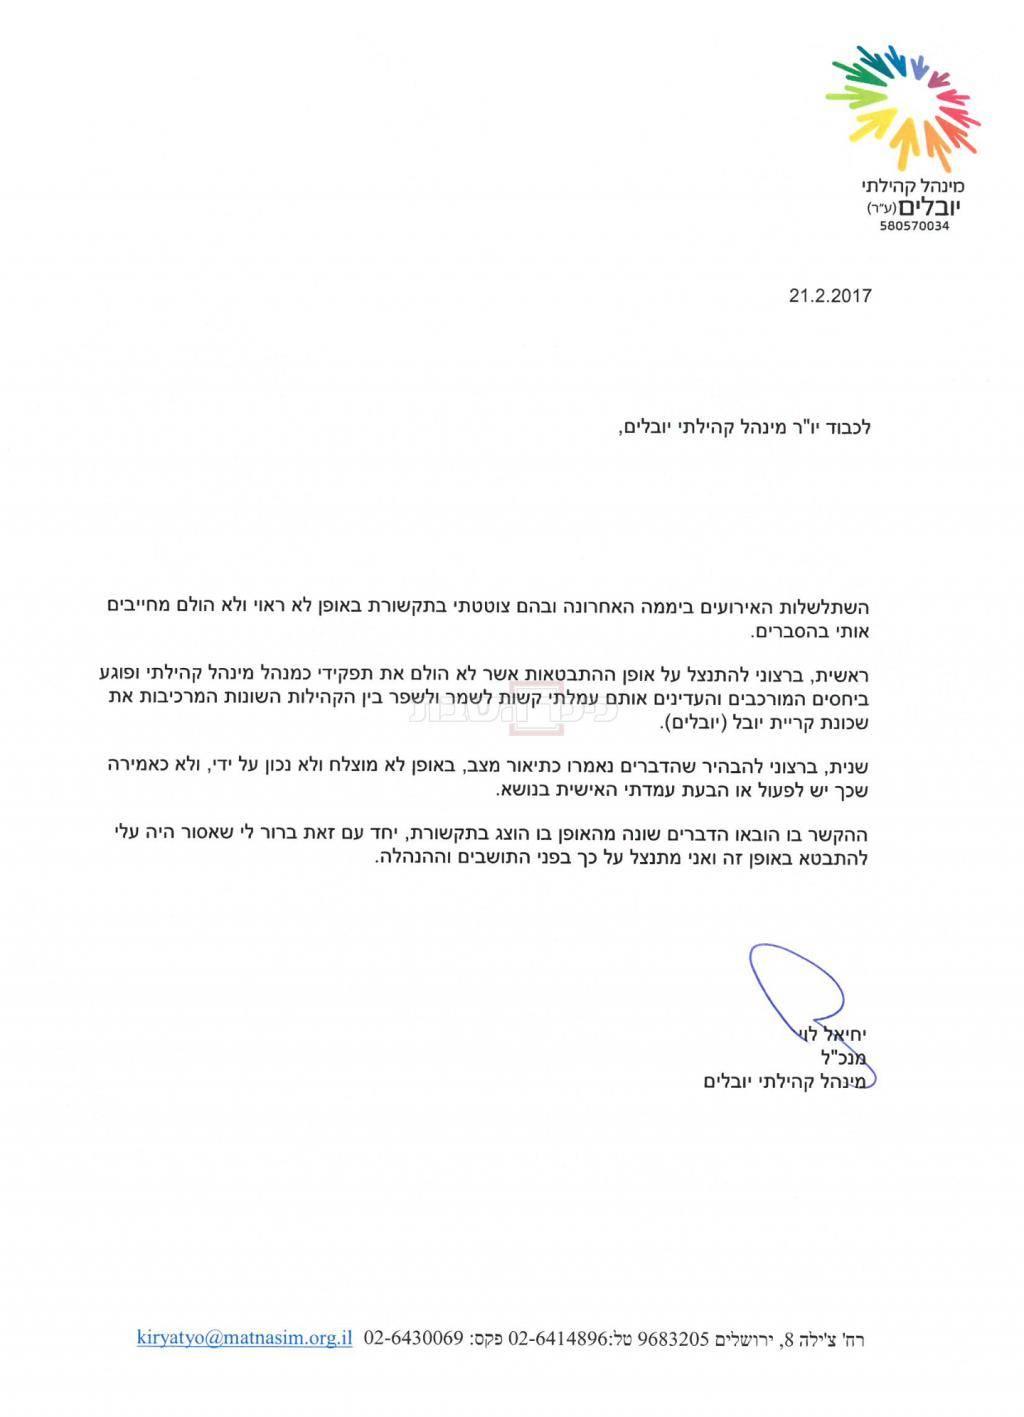 מכתב ההתנצלות